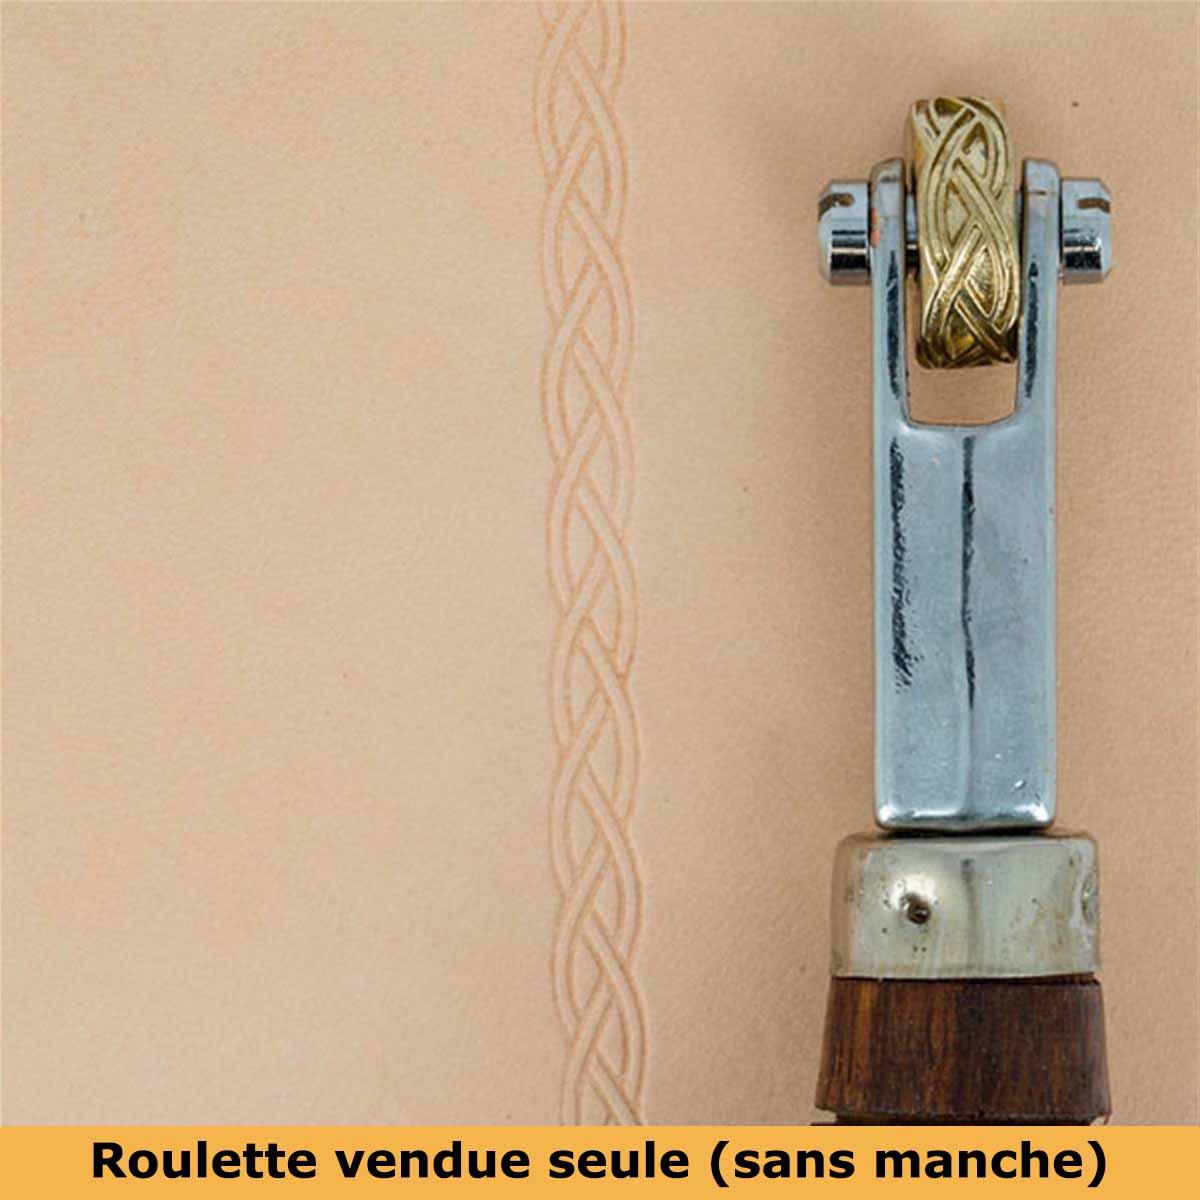 Roulette d'embossage 8091-13 montée sur manche